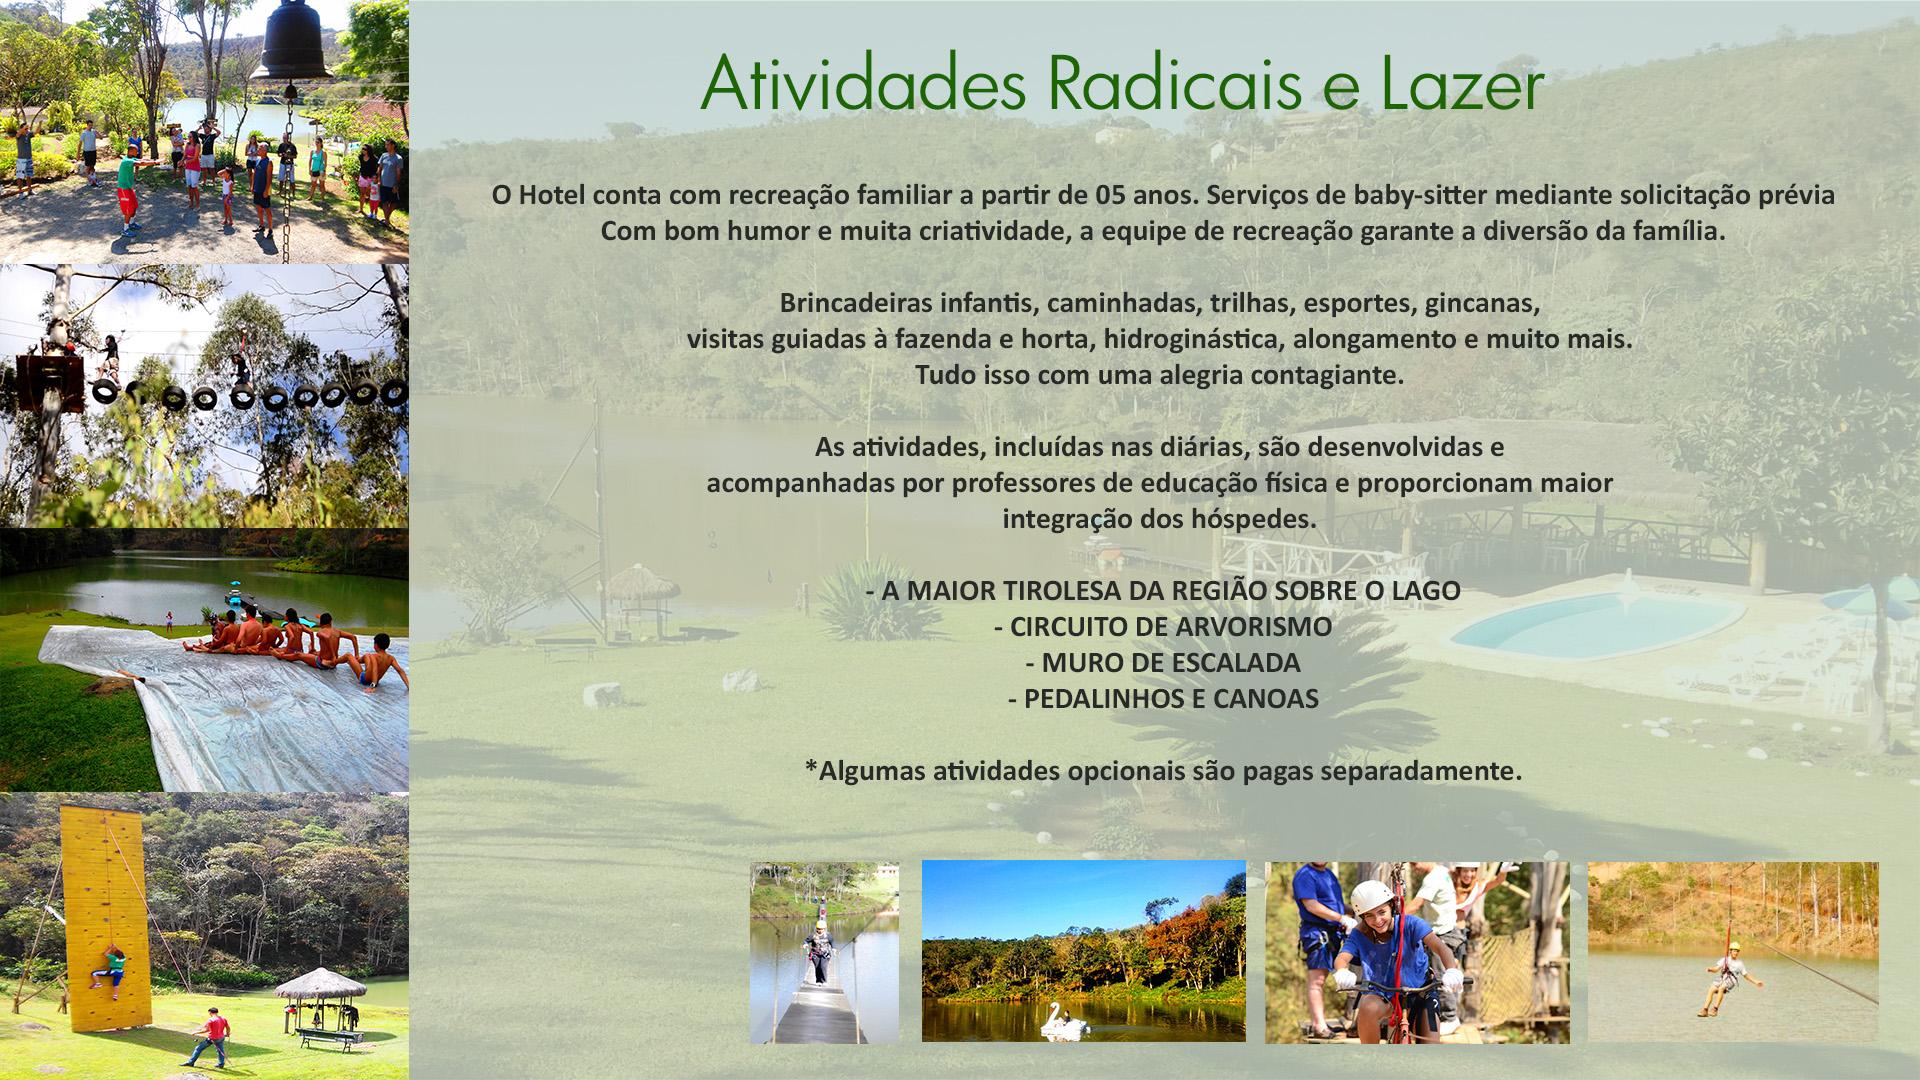 Radicais e Lazer